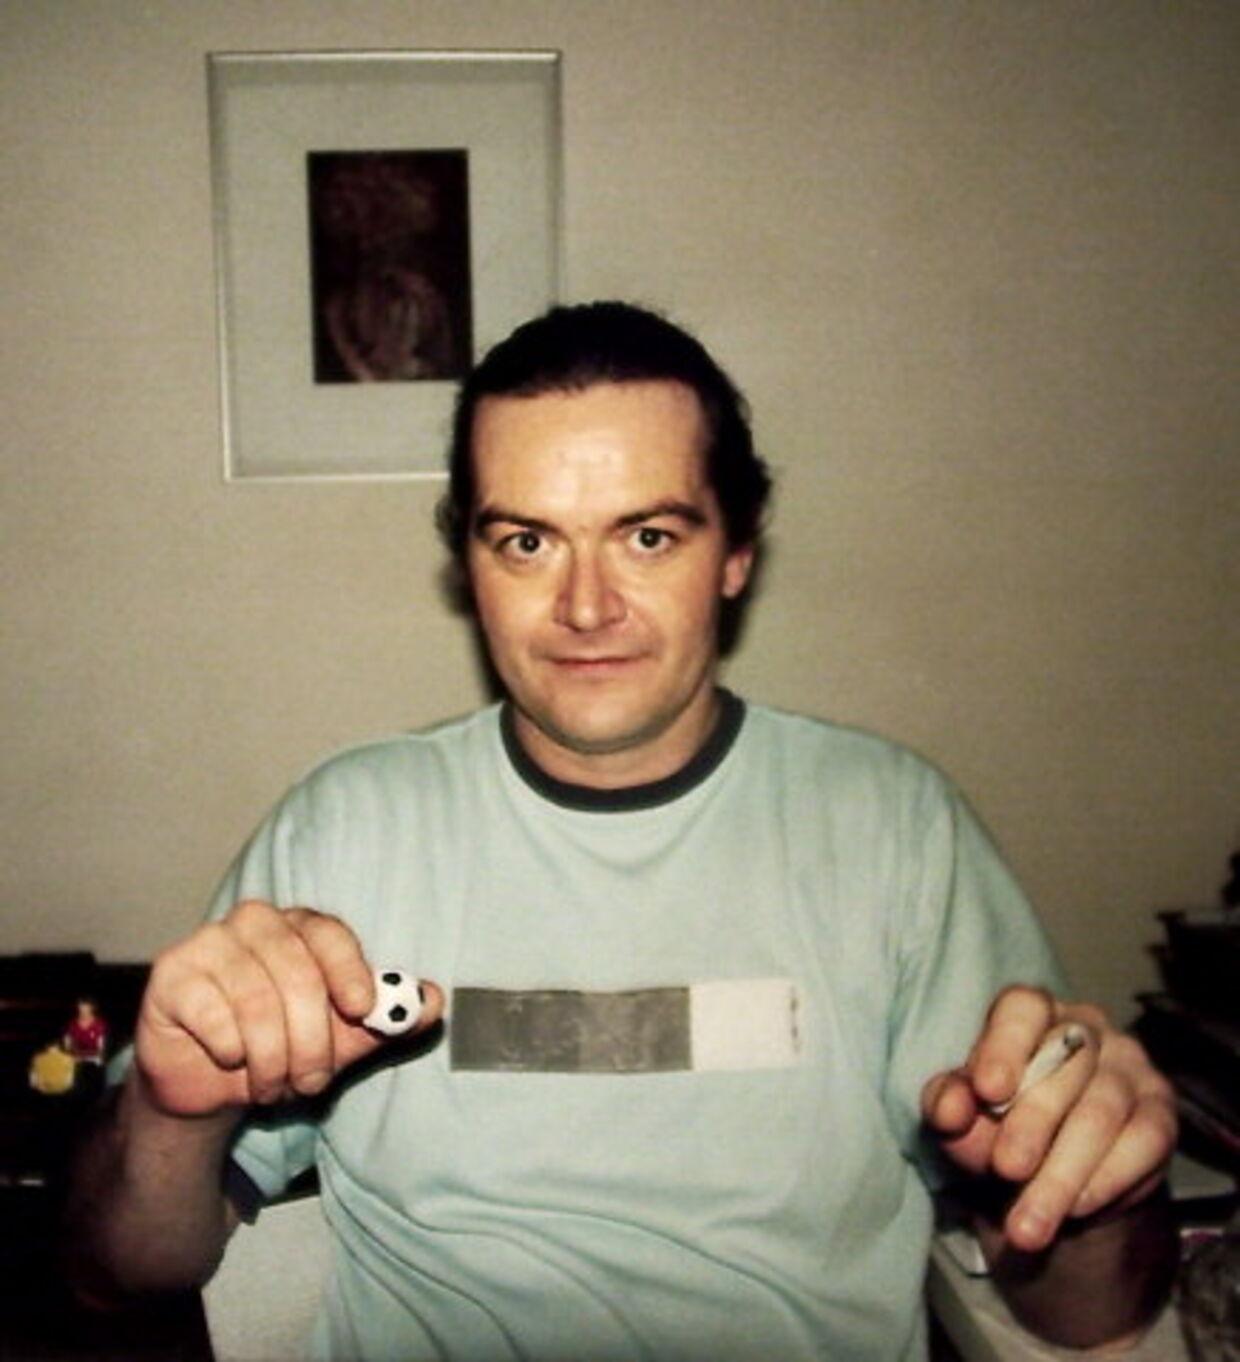 Den dræbte Torben Vagn Knudsen. Foto: Martin Sylvest/Privat